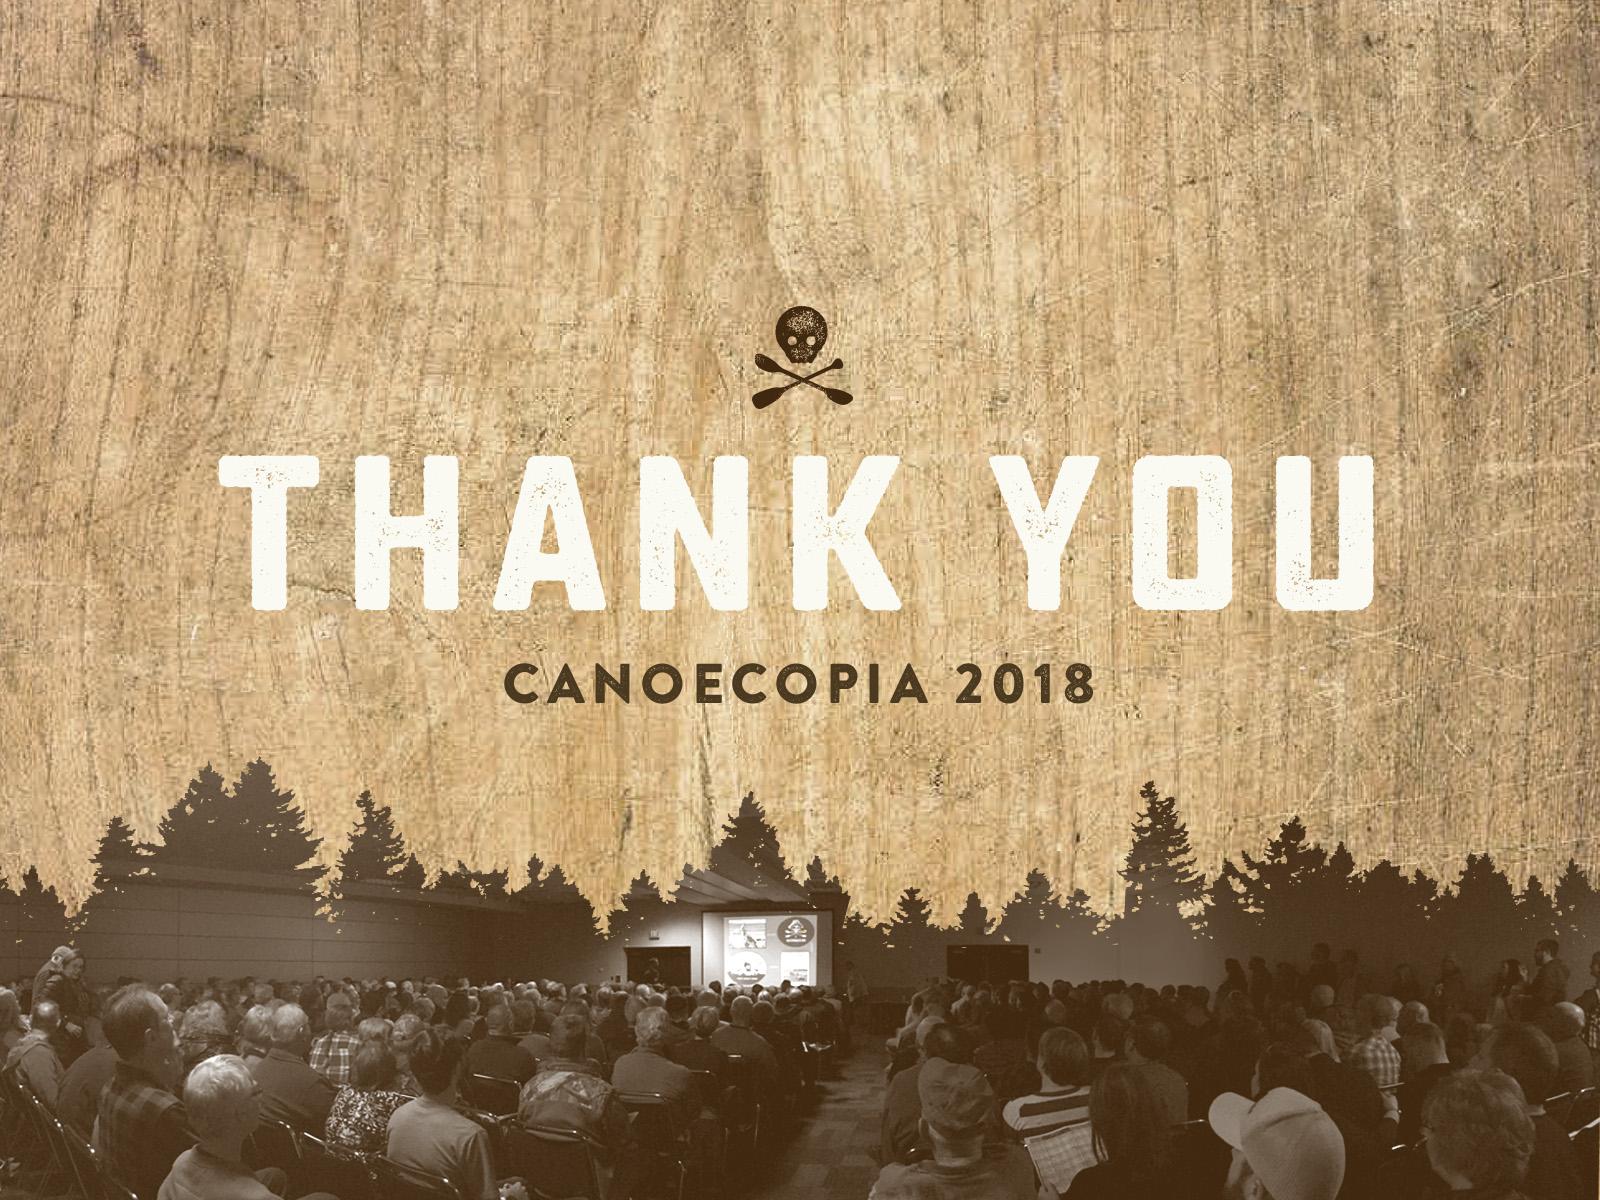 Canoecopia 2018